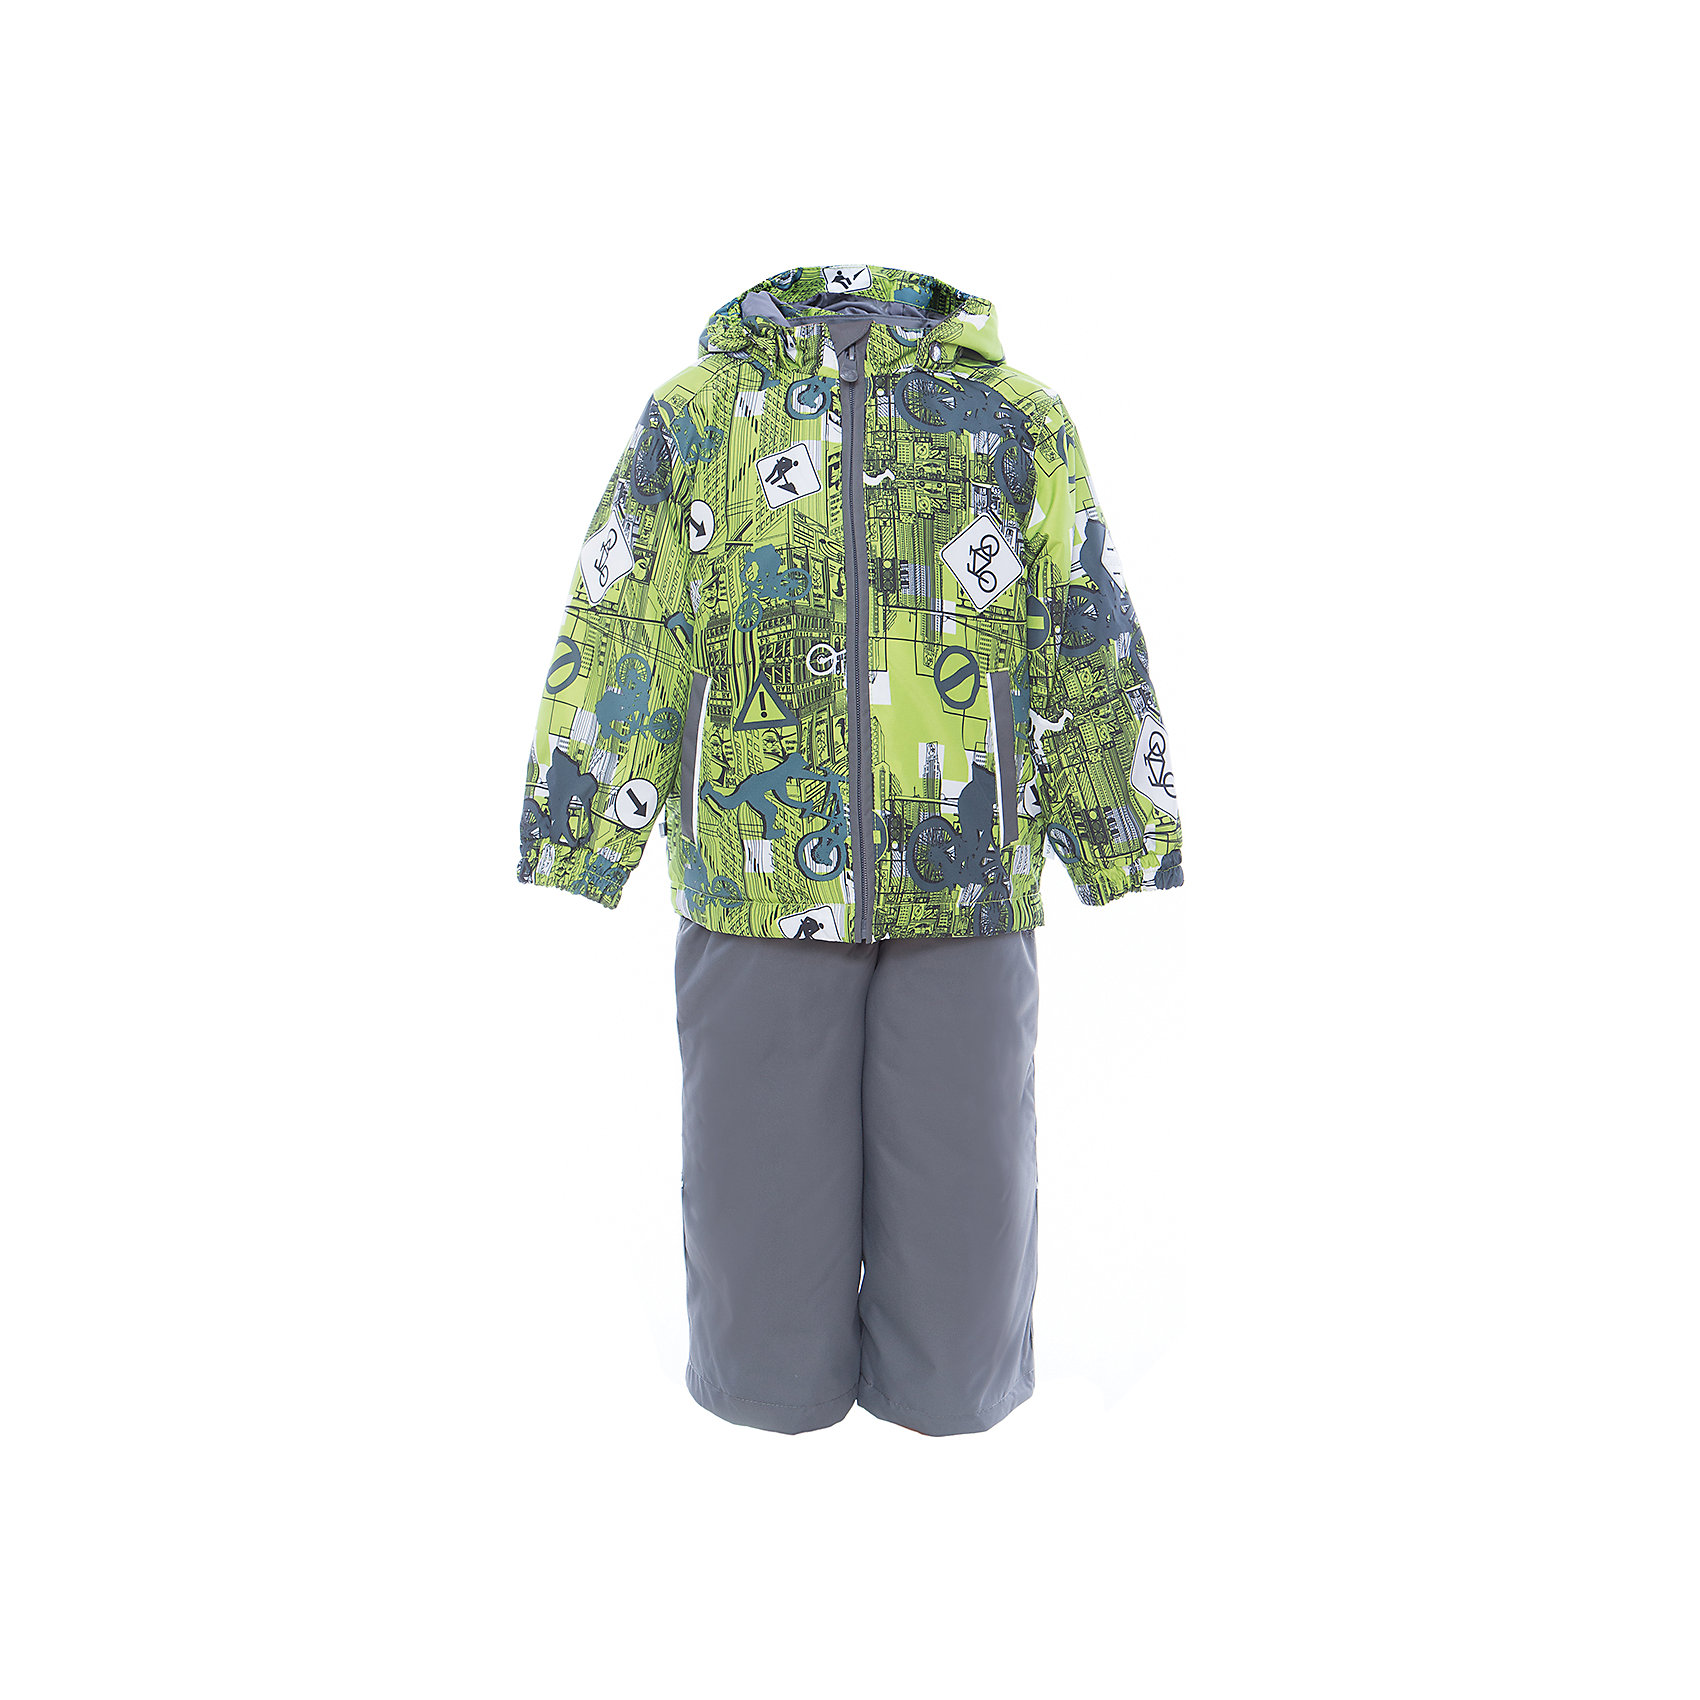 Комплект: куртка и полукомбинезон YOKO для мальчика HuppaКомплекты<br>Характеристики товара:<br><br>• цвет: лайм принт/серый<br>• комплектация: куртка и полукомбинезон <br>• ткань: 100% полиэстер<br>• подкладка: тафта - 100% полиэстер<br>• утеплитель: в куртке и в брюках - 100% полиэстер 100 г<br>• температурный режим: от -5°С до +10°С<br>• водонепроницаемость: 10000 мм<br>• воздухопроницаемость: 10000 мм<br>• светоотражающие детали<br>• шов сидения проклеен<br>• эластичный шнур по низу куртки<br>• эластичный шнур с фиксатором внизу брючин<br>• съёмный капюшон с резинкой<br>• эластичные манжеты рукавов<br>• регулируемые низы брючин<br>• без внутренних швов<br>• резиновые подтяжки<br>• коллекция: весна-лето 2017<br>• страна бренда: Эстония<br><br>Такой модный демисезонный комплект  обеспечит детям тепло и комфорт. Он сделан из материала, отталкивающего воду, и дополнен подкладкой с утеплителем, поэтому изделие идеально подходит для межсезонья. Материал изделий - с мембранной технологией: защищая от влаги и ветра, он легко выводит лишнюю влагу наружу. Комплект очень симпатично смотрится. <br><br>Одежда и обувь от популярного эстонского бренда Huppa - отличный вариант одеть ребенка можно и комфортно. Вещи, выпускаемые компанией, качественные, продуманные и очень удобные. Для производства изделий используются только безопасные для детей материалы. Продукция от Huppa порадует и детей, и их родителей!<br><br>Комплект: куртка и полукомбинезон YOKO от бренда Huppa (Хуппа) можно купить в нашем интернет-магазине.<br><br>Ширина мм: 356<br>Глубина мм: 10<br>Высота мм: 245<br>Вес г: 519<br>Цвет: зеленый<br>Возраст от месяцев: 72<br>Возраст до месяцев: 84<br>Пол: Мужской<br>Возраст: Детский<br>Размер: 122,92,98,104,110,116<br>SKU: 5346788